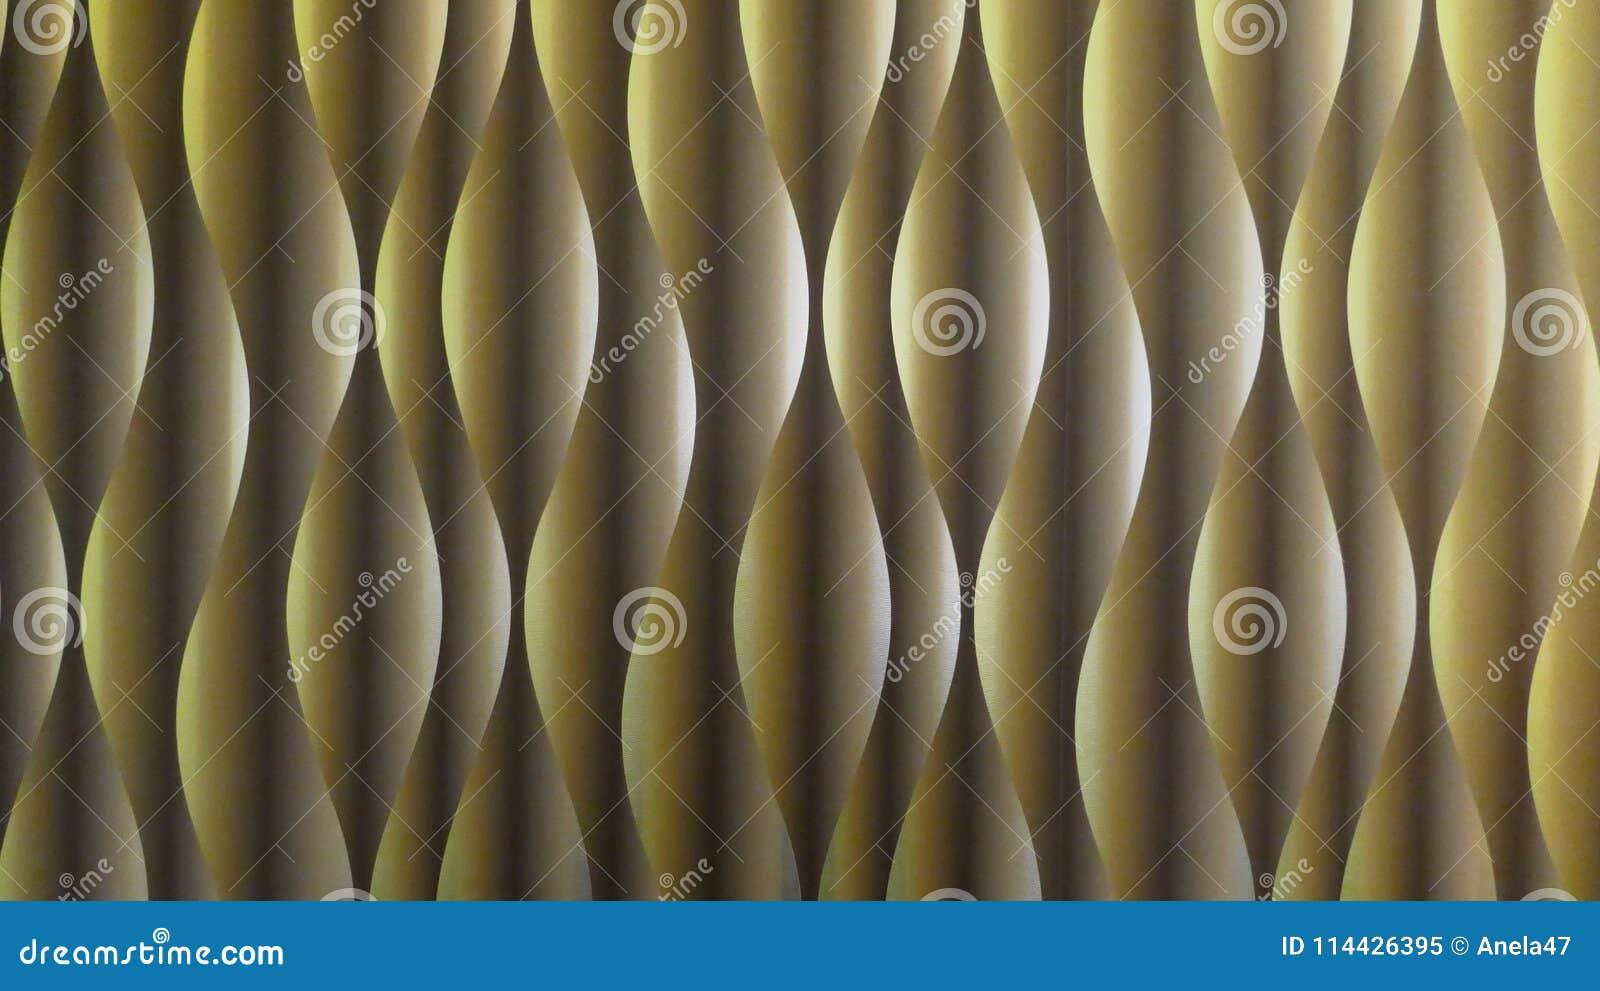 Σχέδιο κυμάτων, σπειροειδές σχέδιο Περίληψη Σύγχρονο φουτουριστικό υπόβαθρο, λαδί, με το φως και την επίδραση σκιών